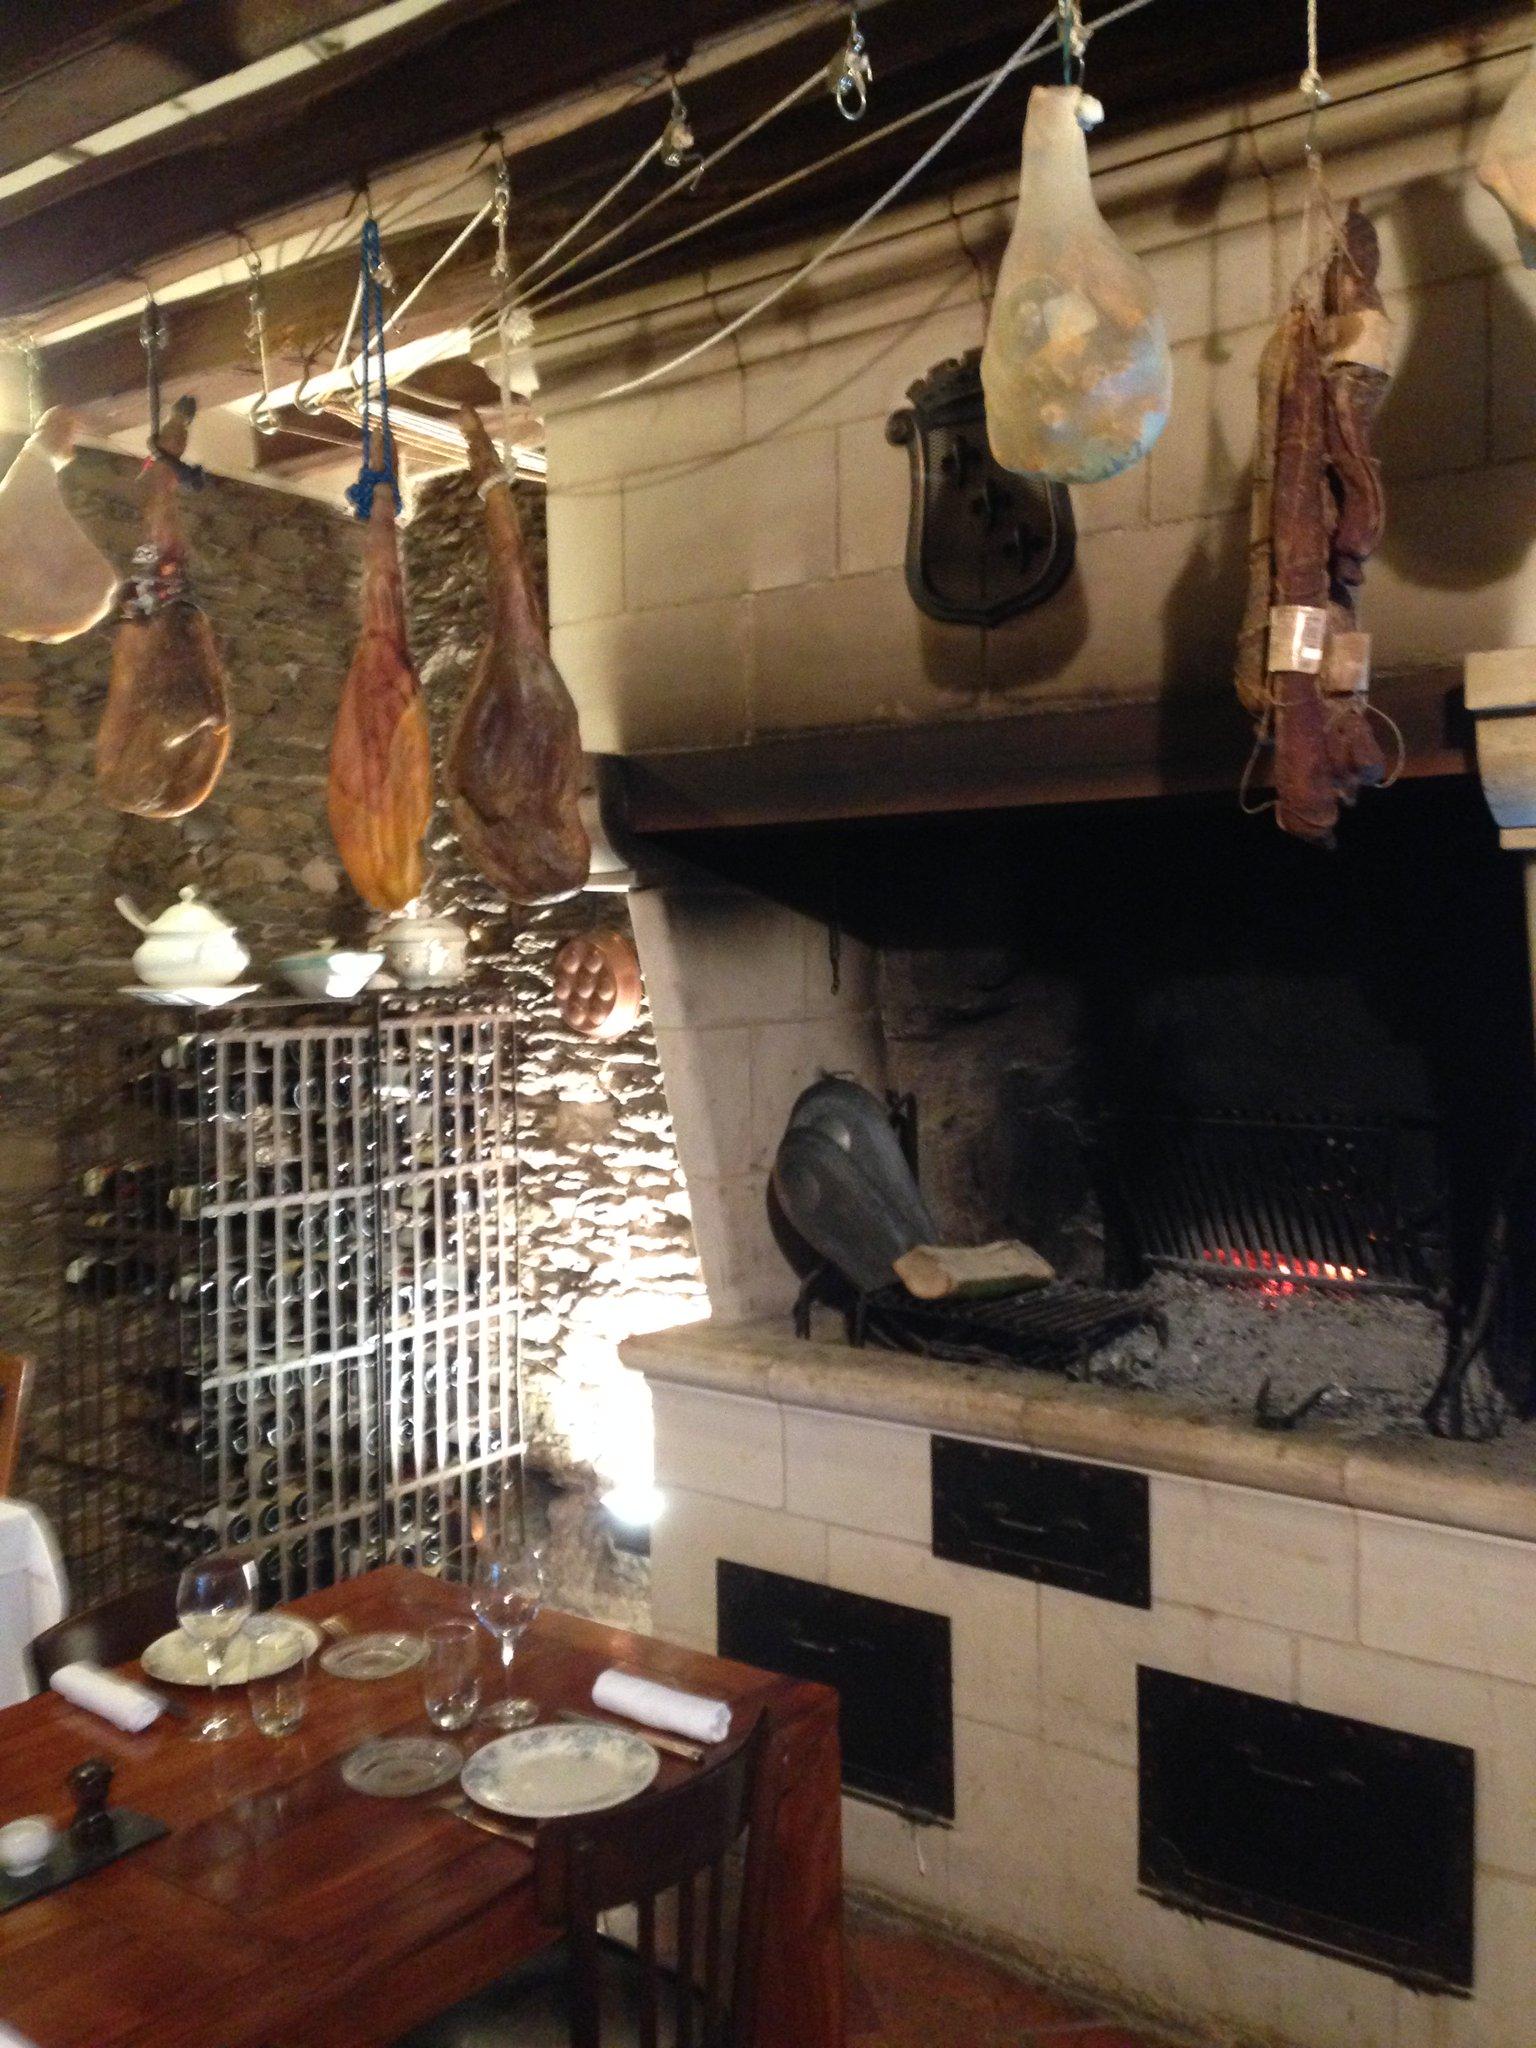 À la Toile à Beurre, #Bibgourmand à Ancenis (44), on dîne au coin de la cheminée... un vrai plaisir ! https://t.co/RCcb5GULjZ